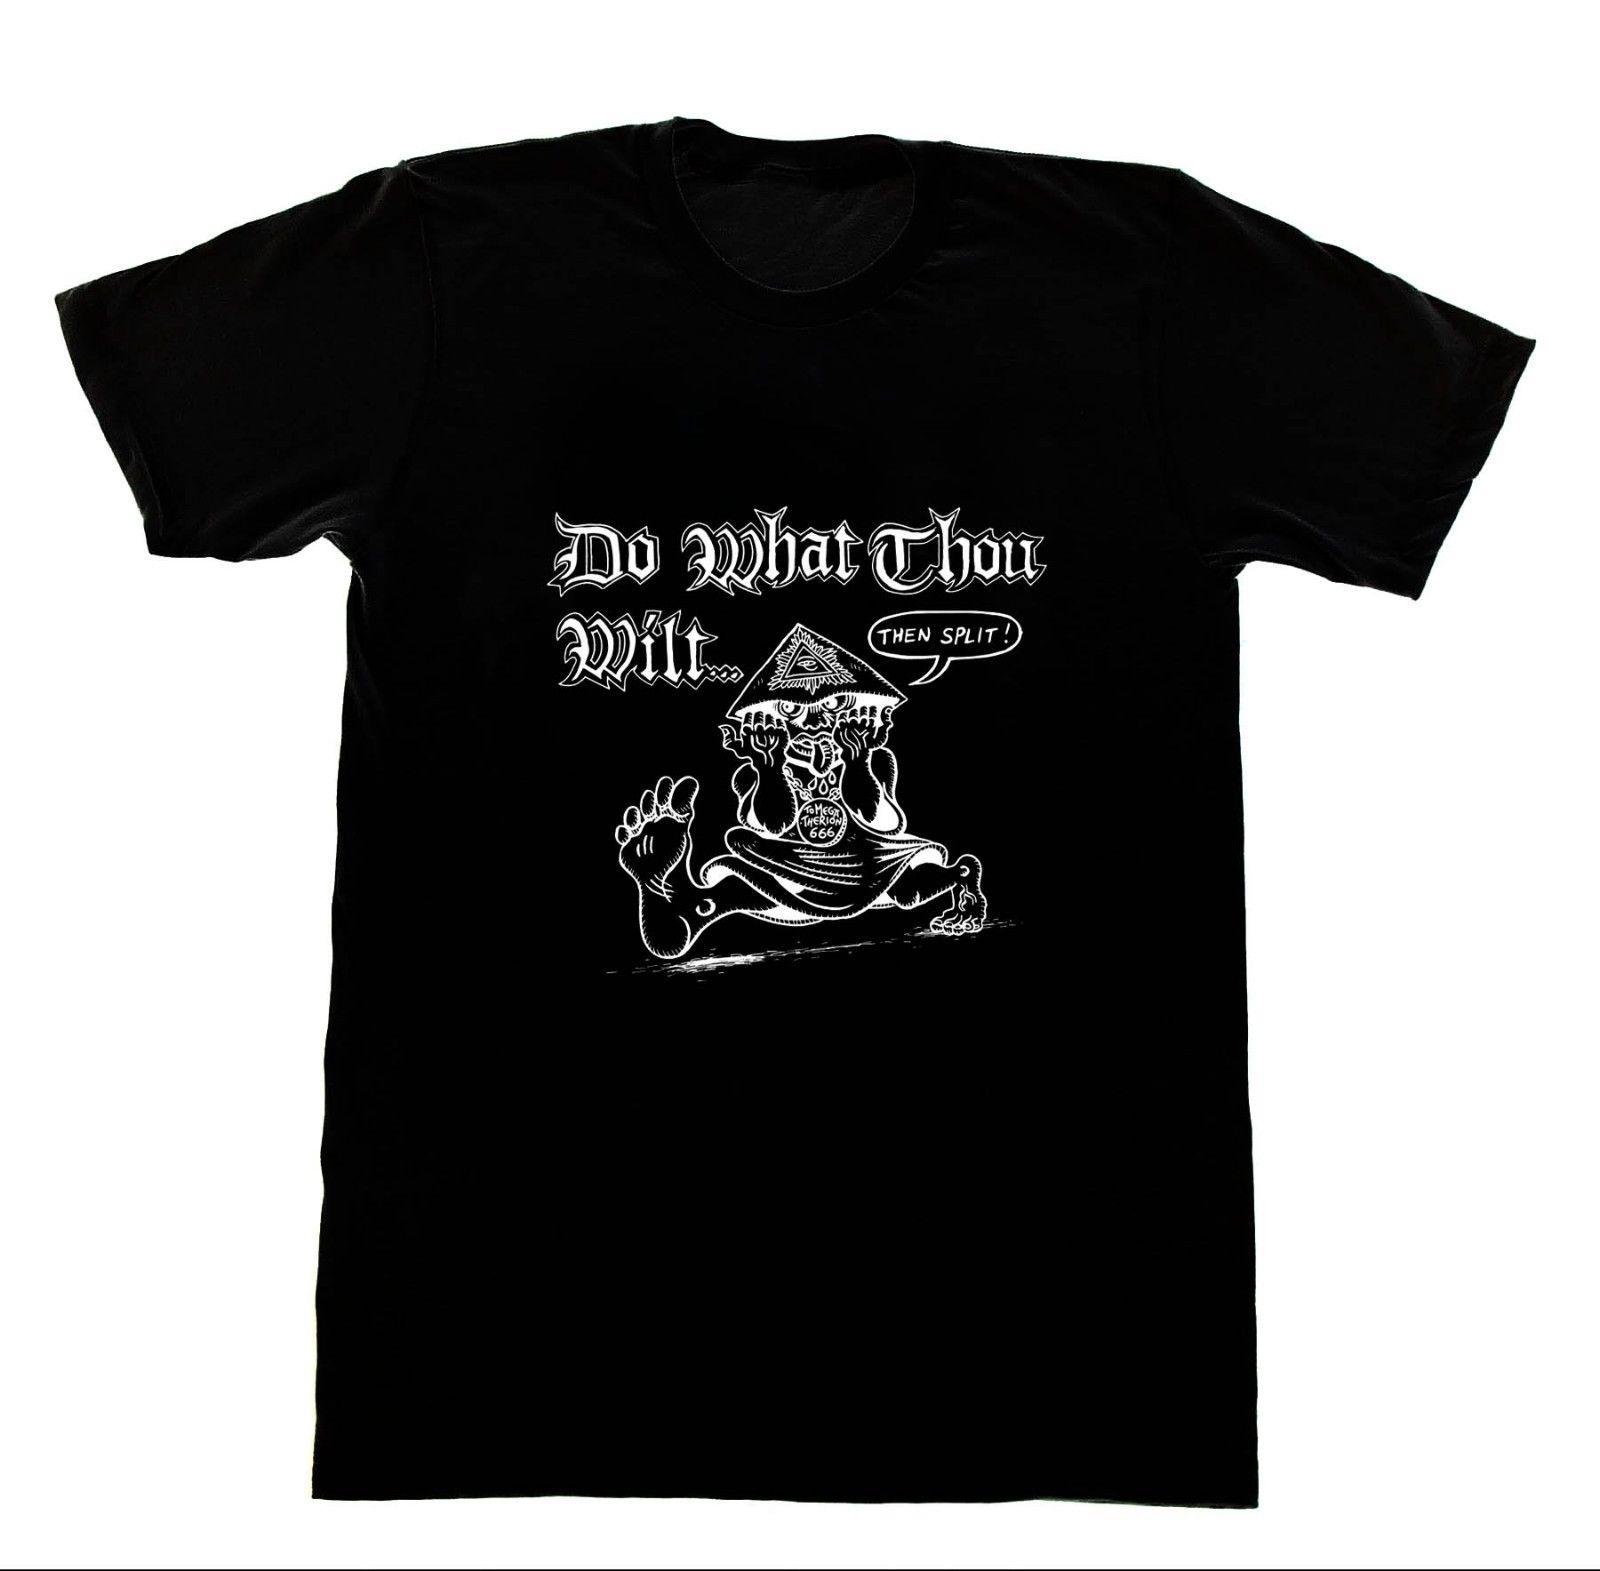 Aleister Crowley-Do What you Wilt camiseta 47 camiseta Satan pentagrama satánico impreso camisetas de manga corta Hipster Tee